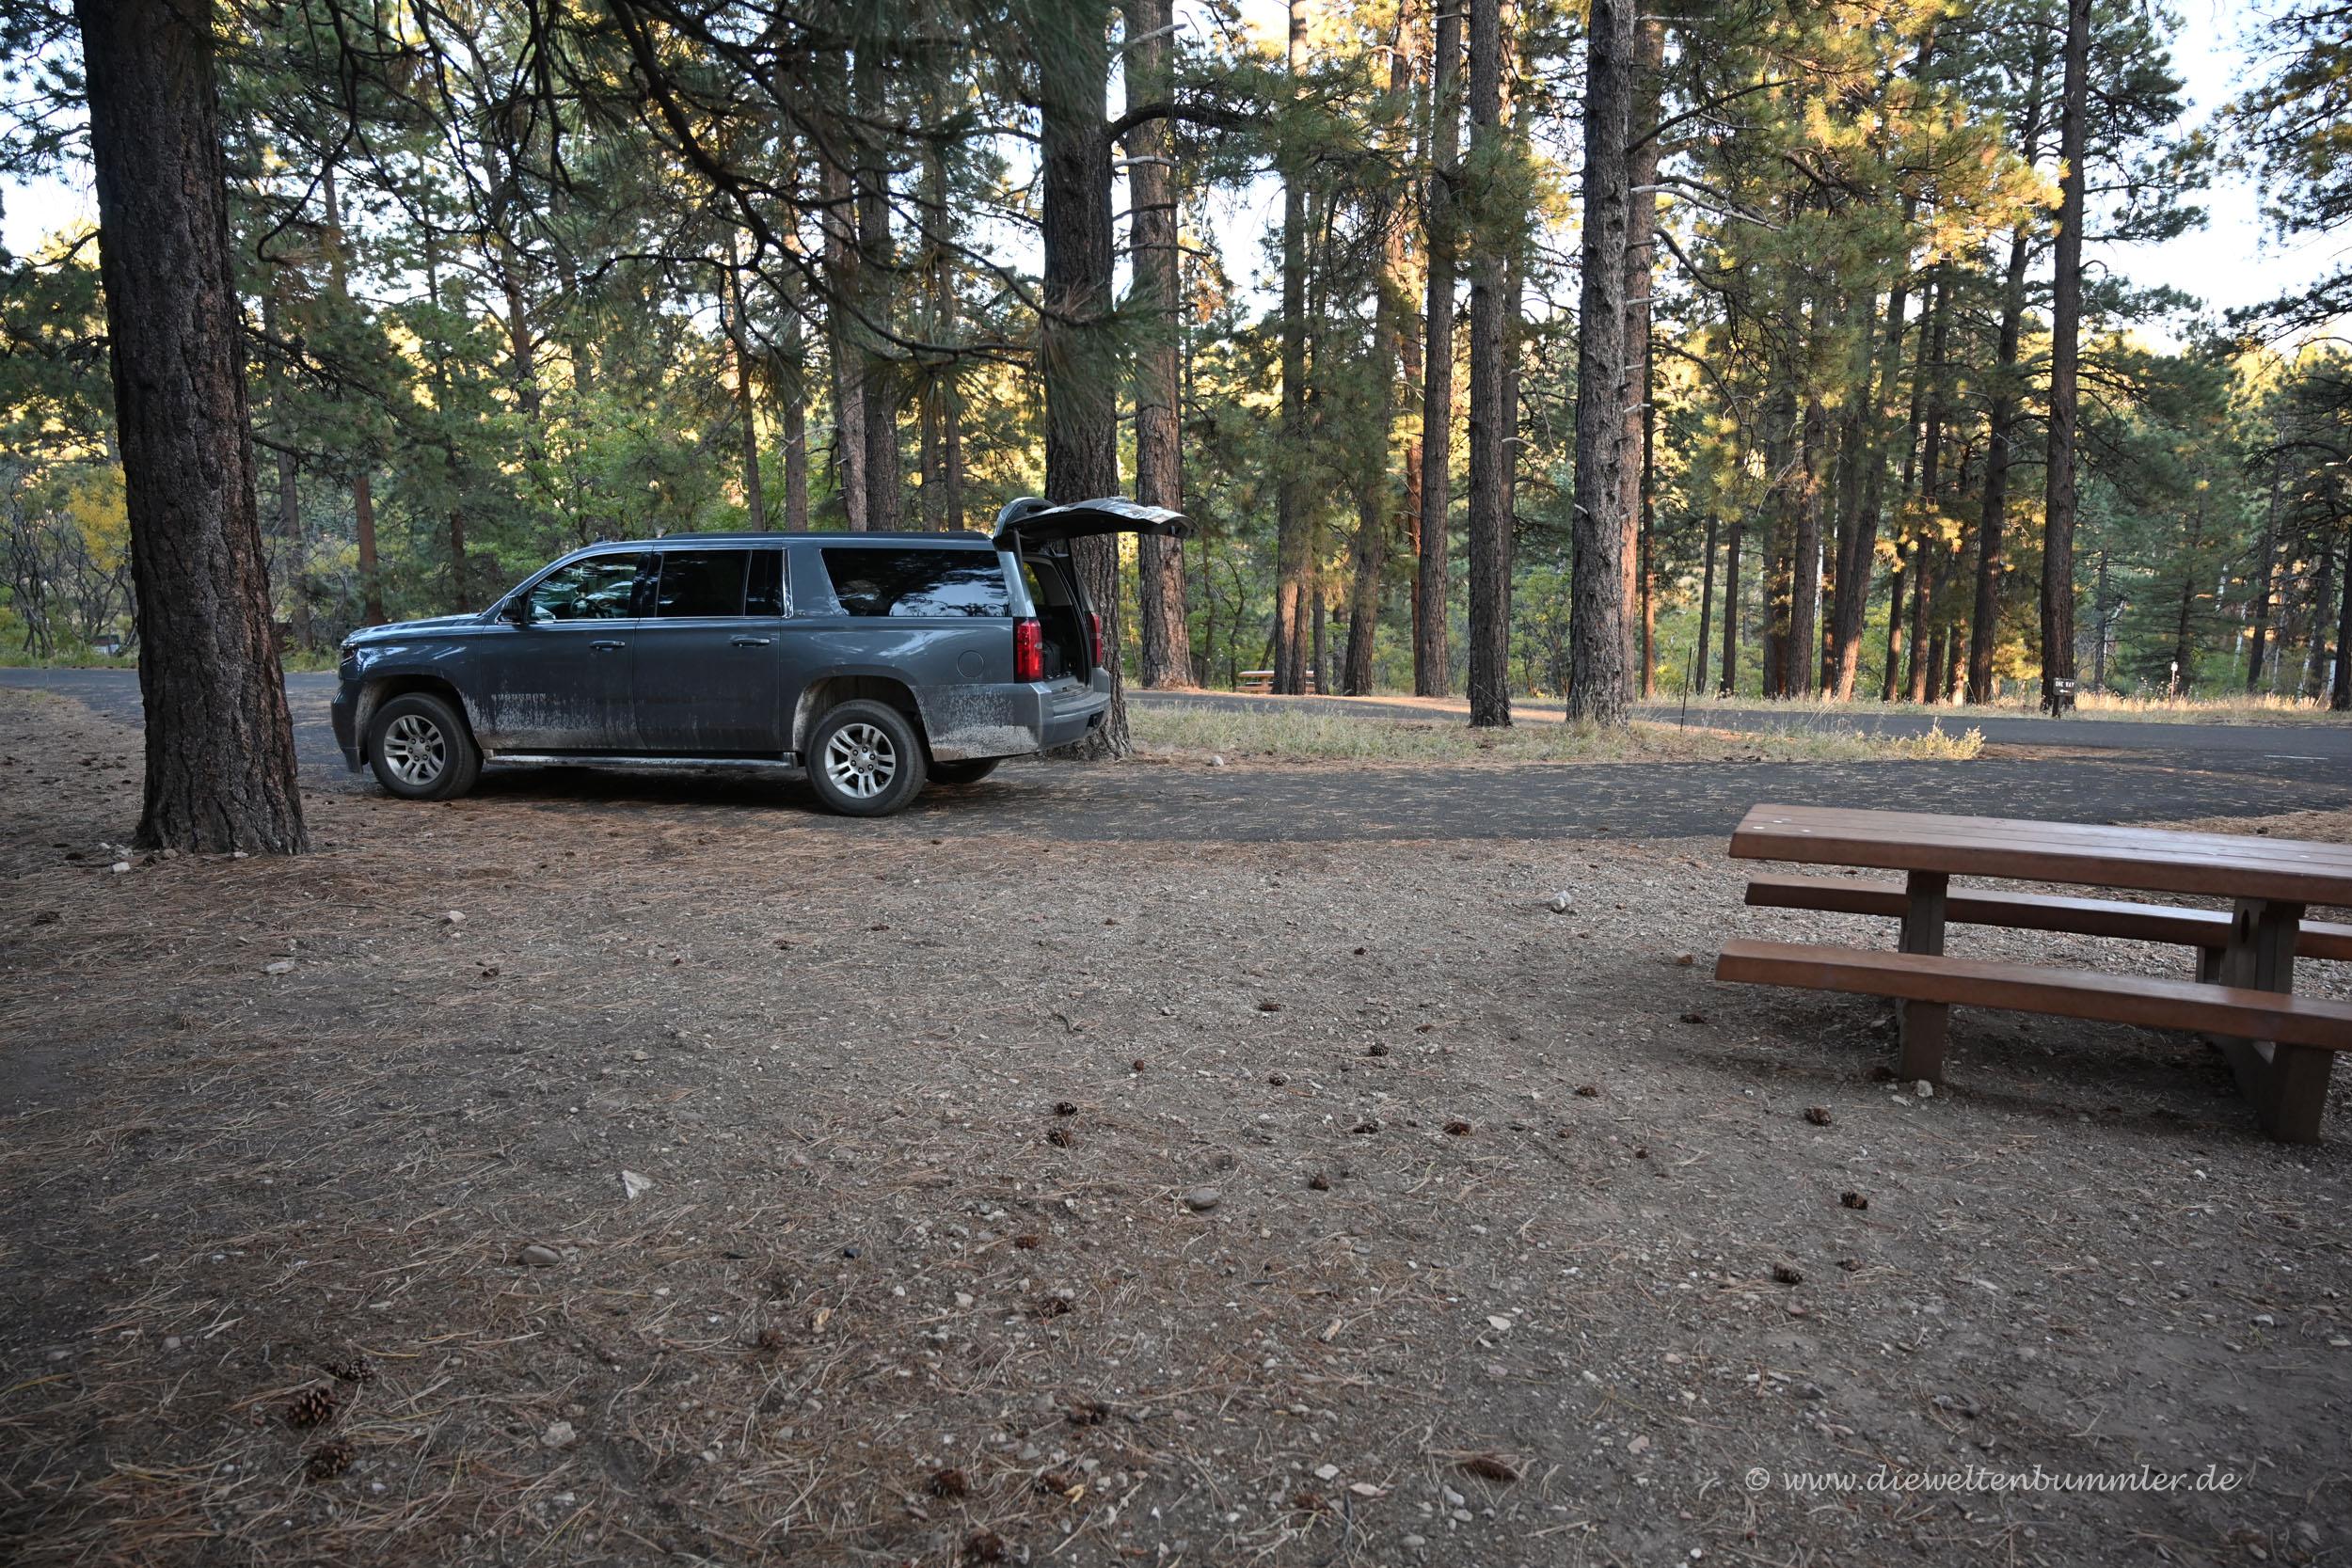 Parzelle auf dem Campingplatz